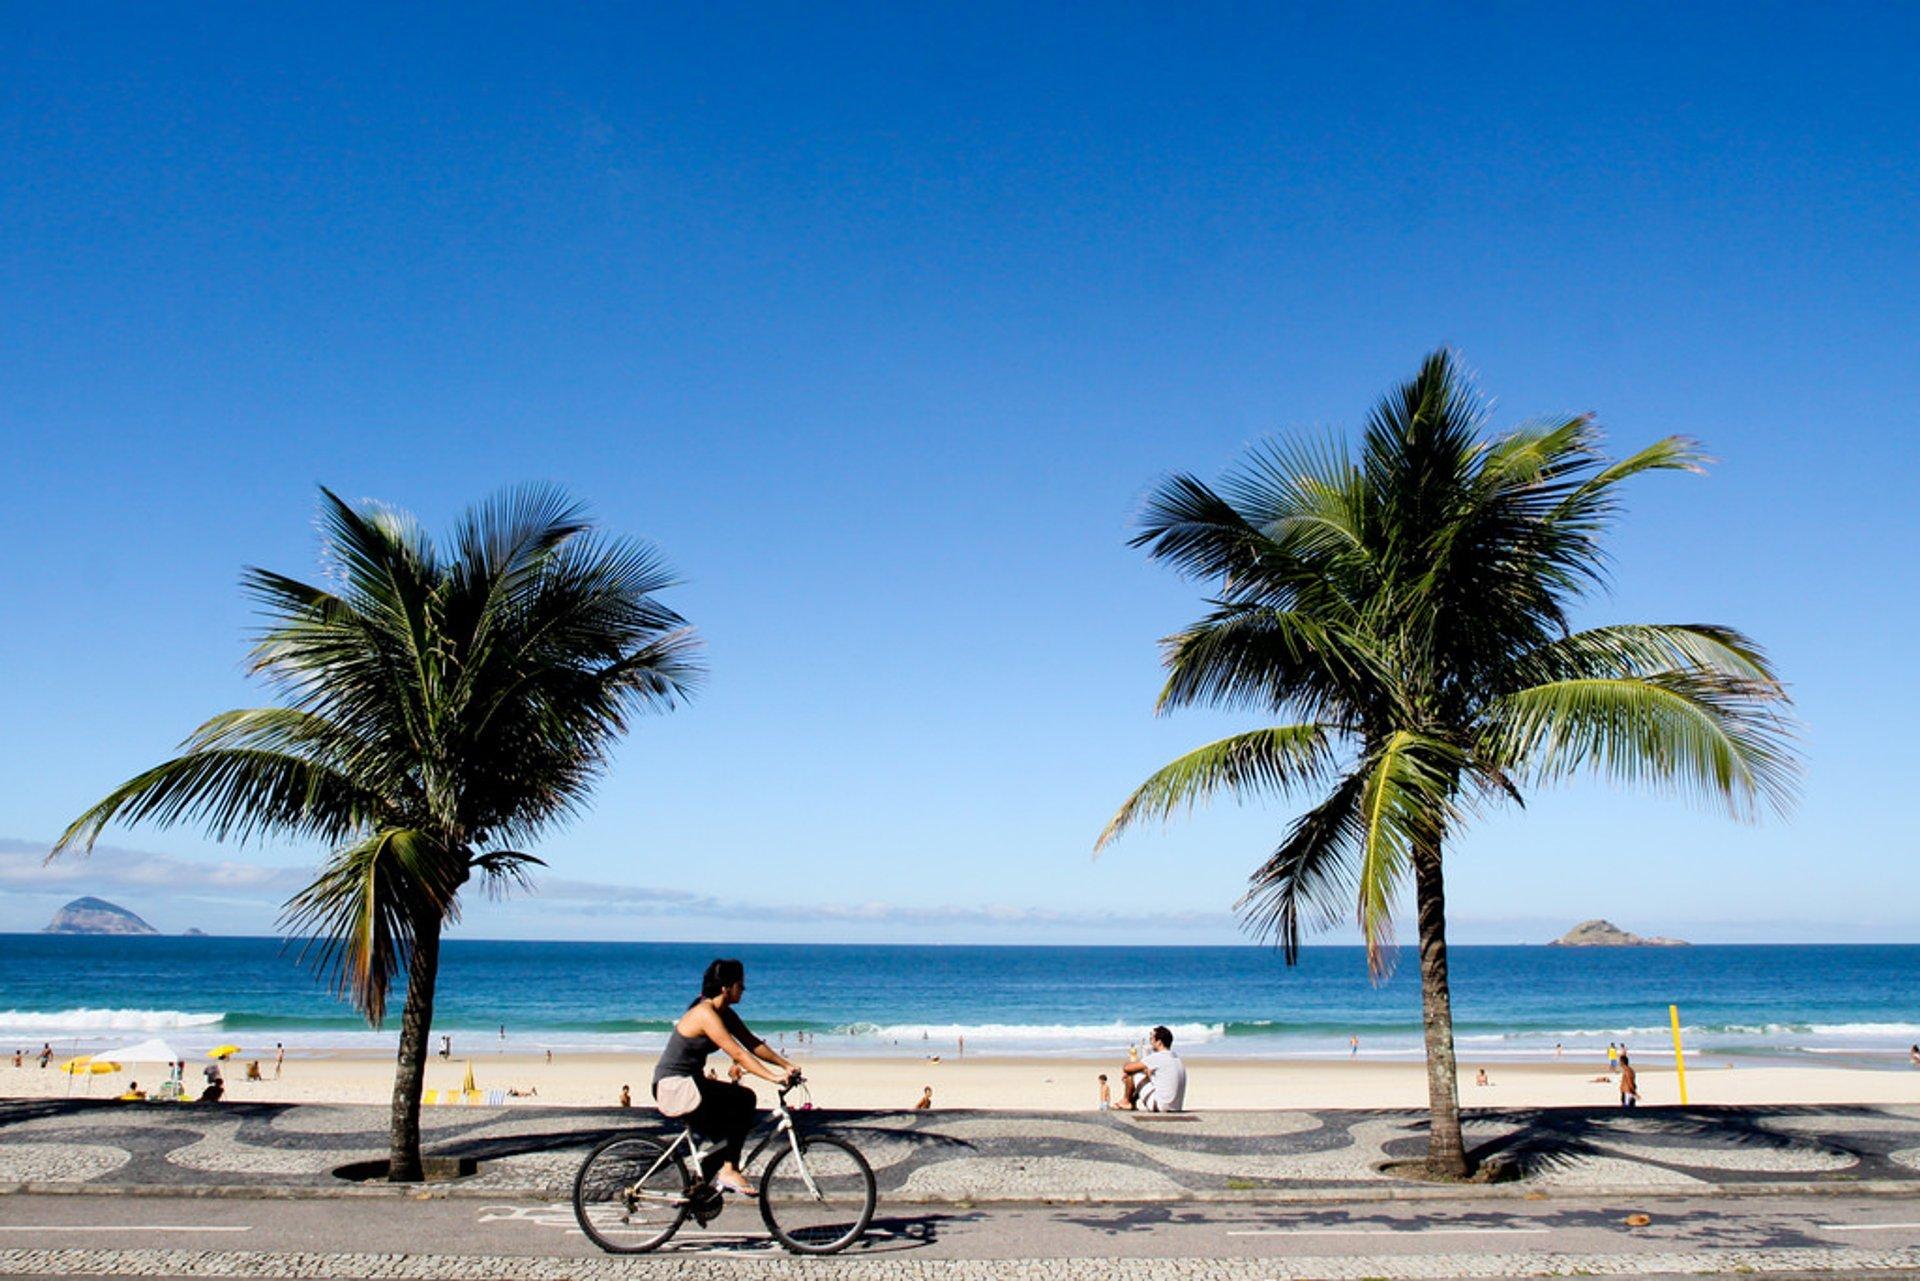 Cycling in Rio de Janeiro 2019 - Best Time